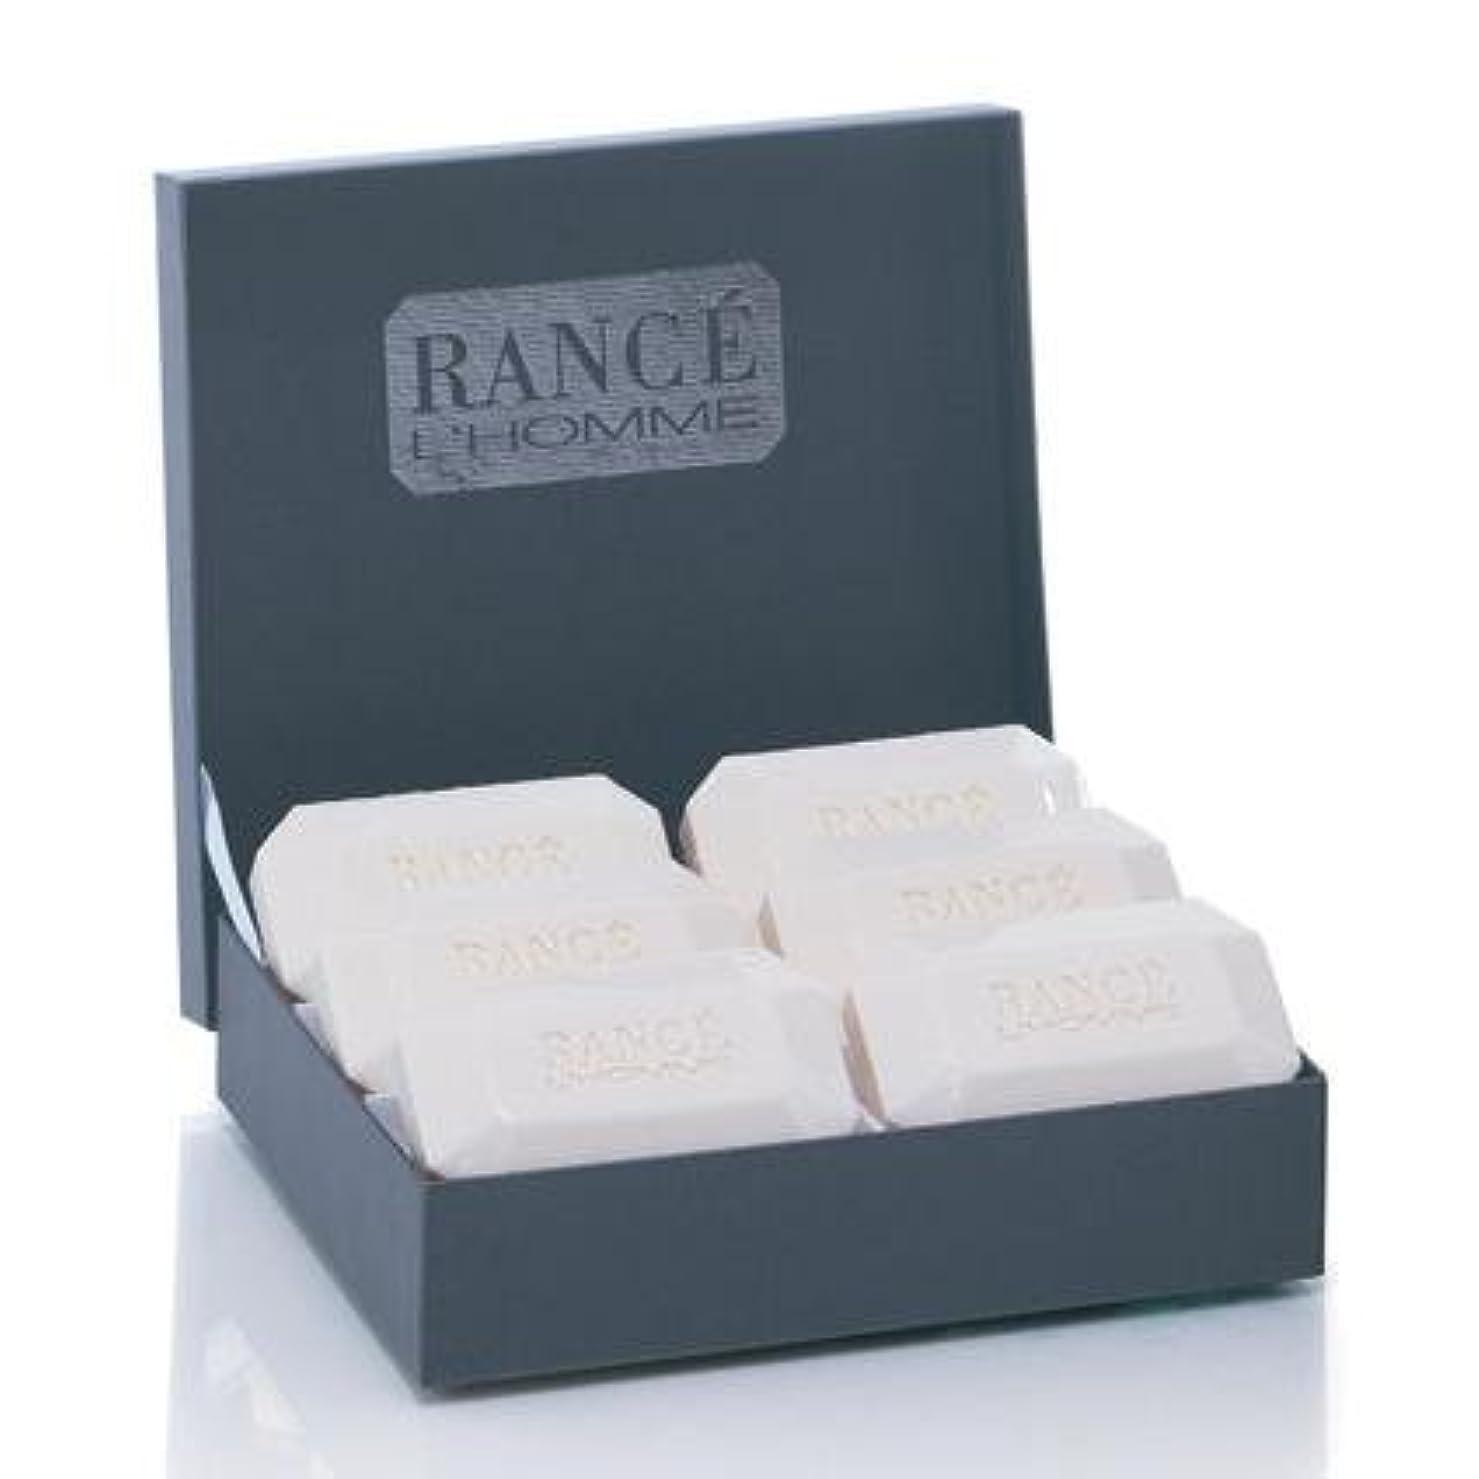 灰町無心Rancé L'Homme Soapbox(ランセ ロム ソープボックス)6 x 100g [並行輸入品]